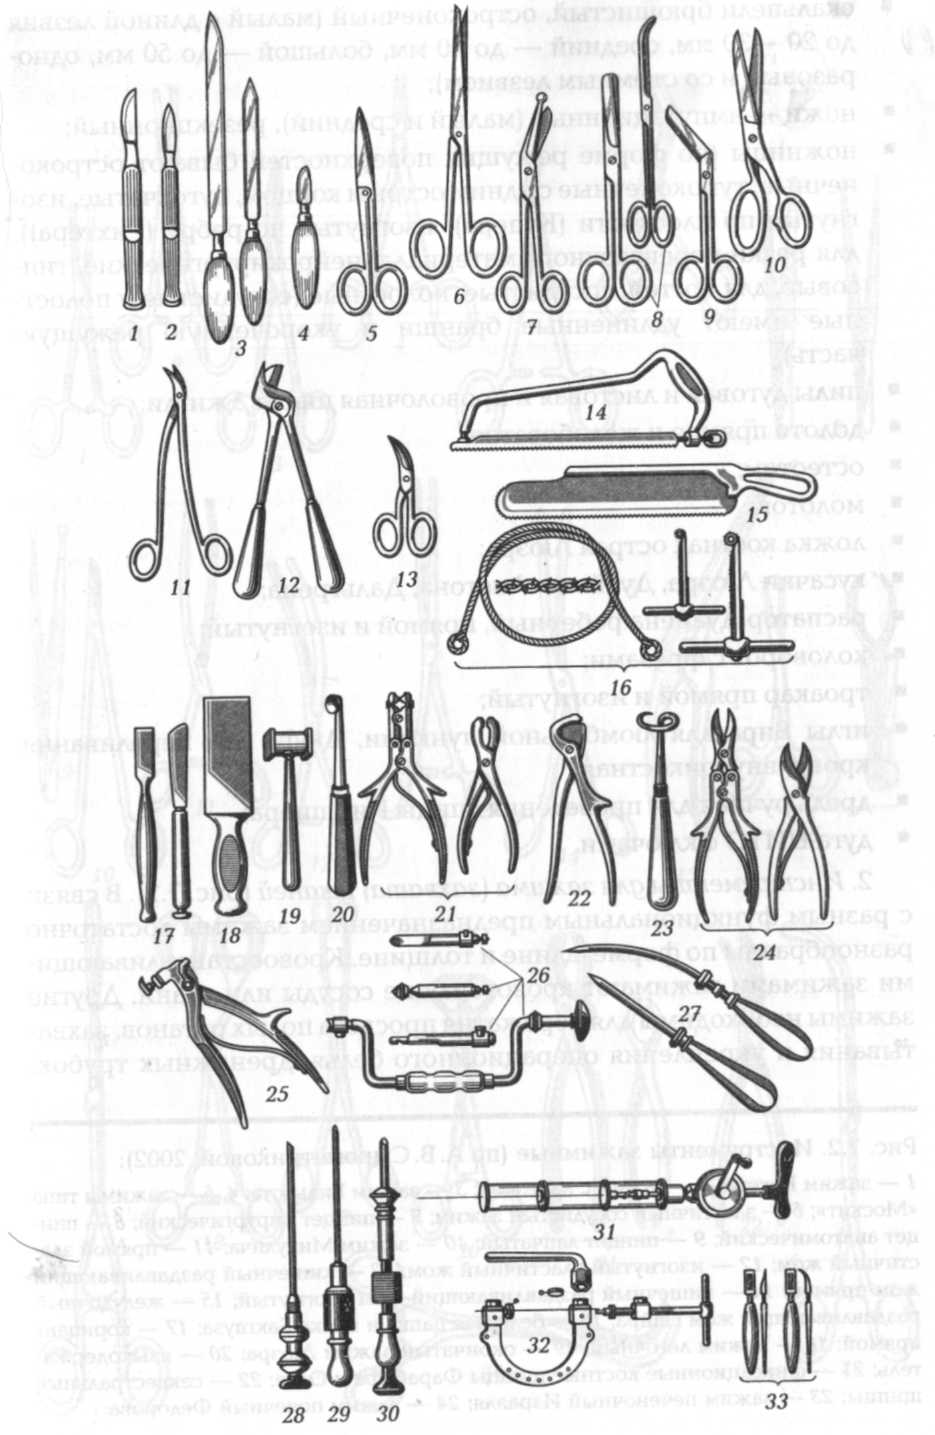 Наборы хирургических инструментов - описание